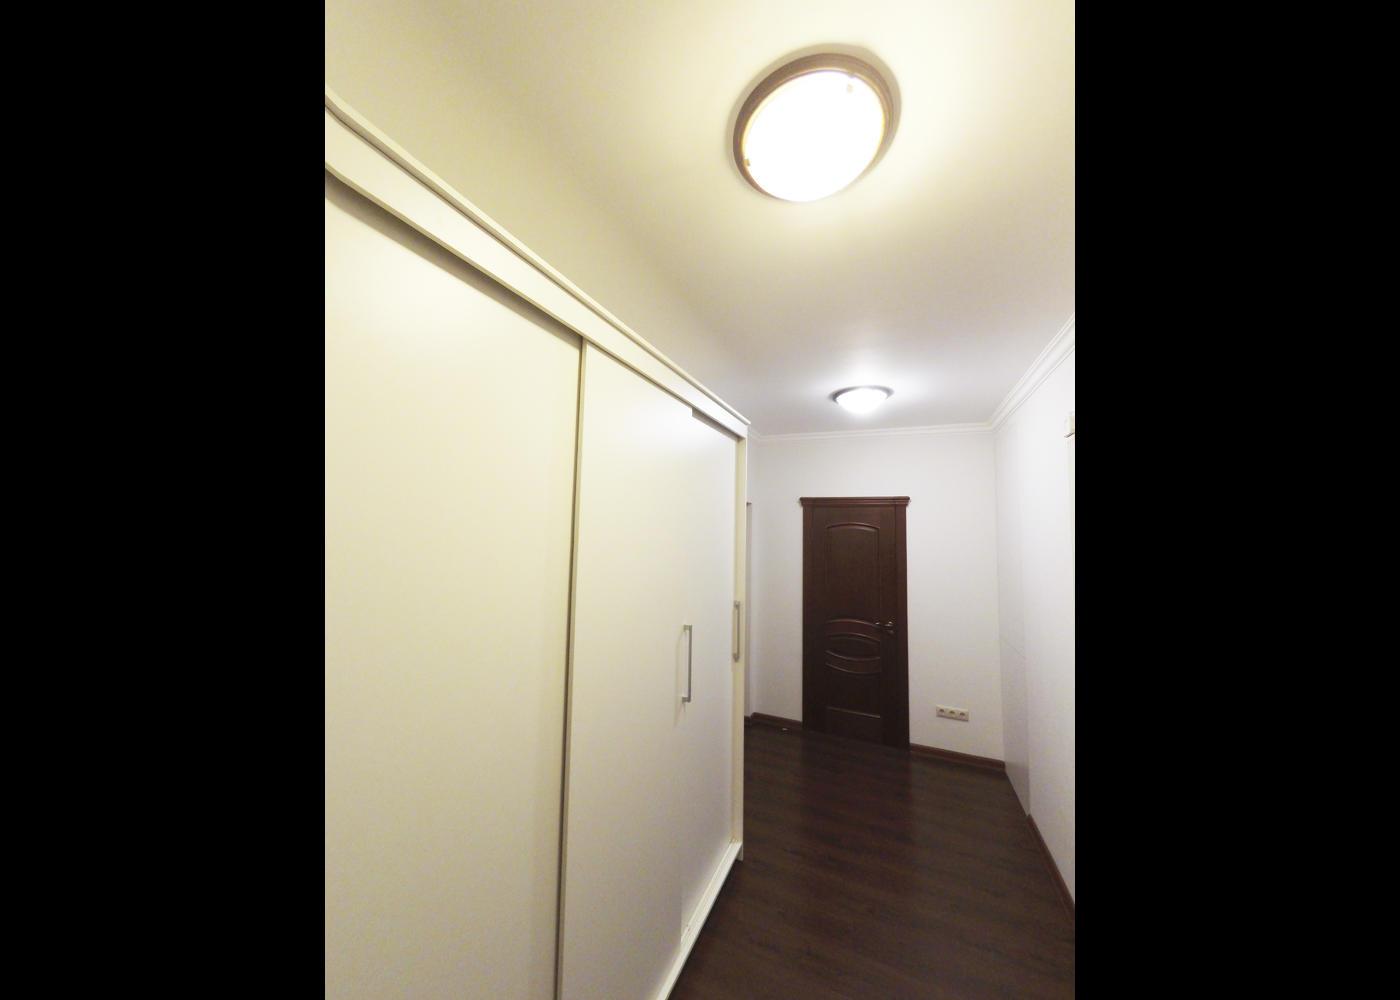 Ремонт и отделка квартир под ключ в Москве